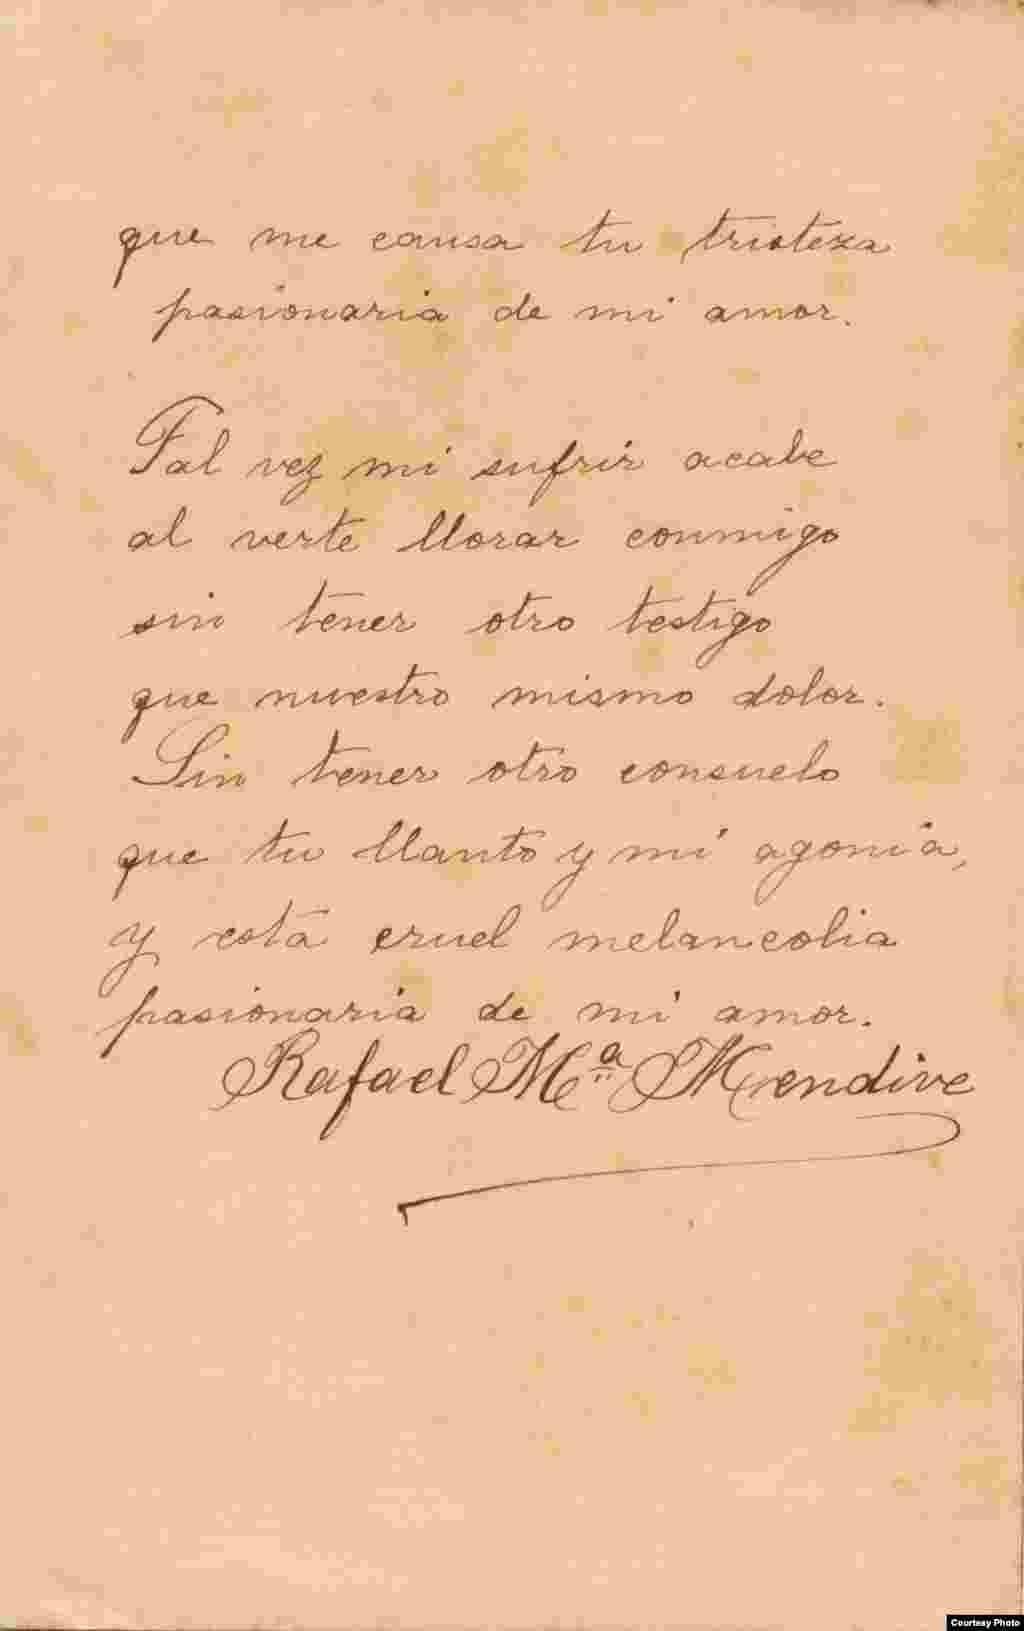 Manuscrito de poema de Mendive (segunda página). Cortesía de Orlando González Esteva